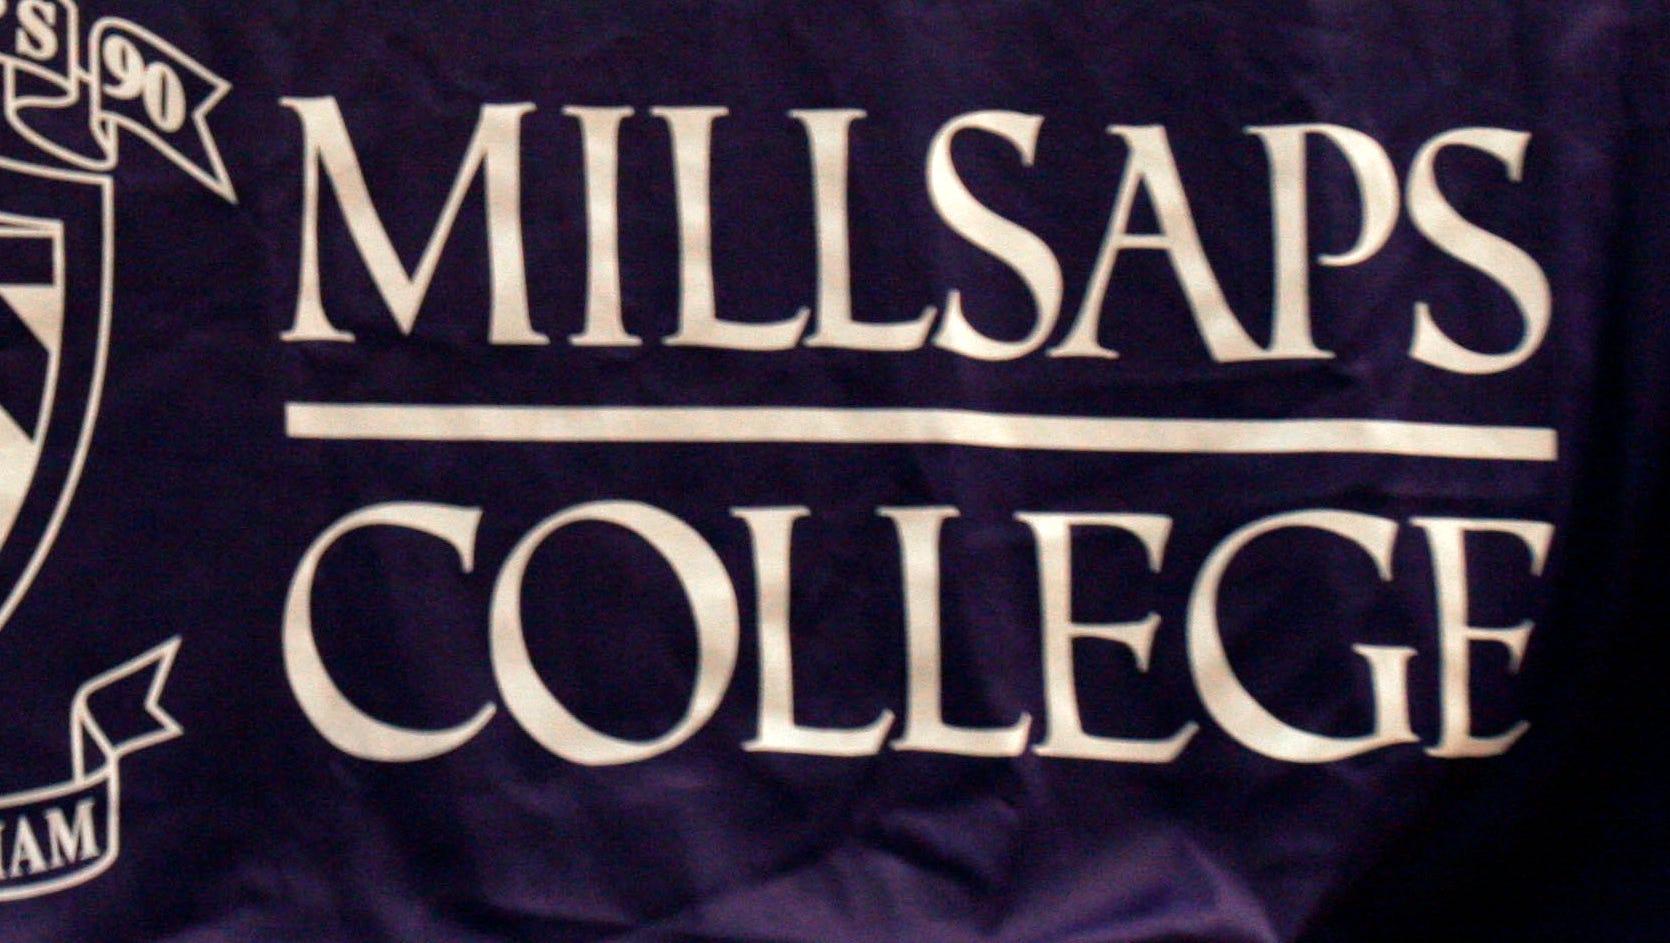 636209315619439079 AP Millsaps College jpg?width=1670&height=943&fit=crop&format=pjpg&auto=webp.